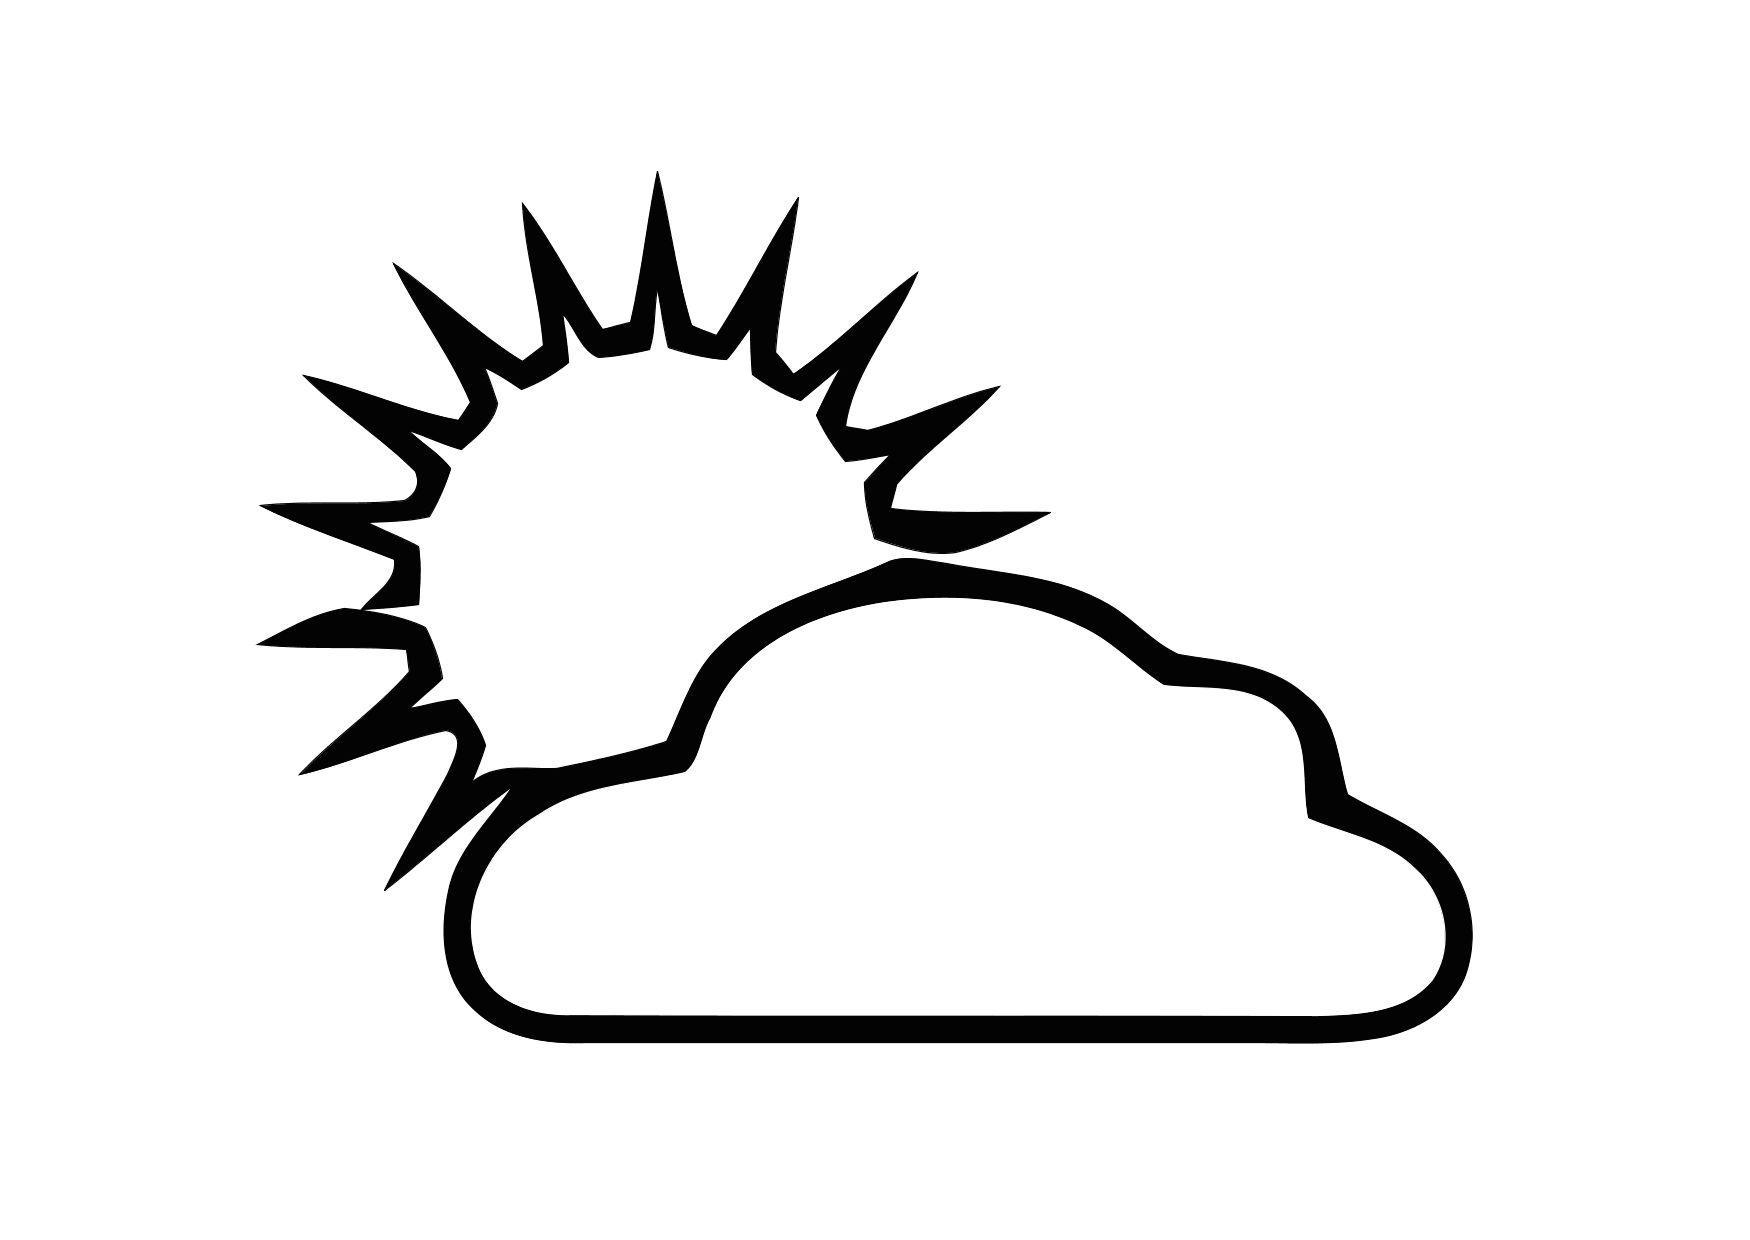 Malvorlage 01a. bewölkt mit Sonne | Ausmalbild 11300.